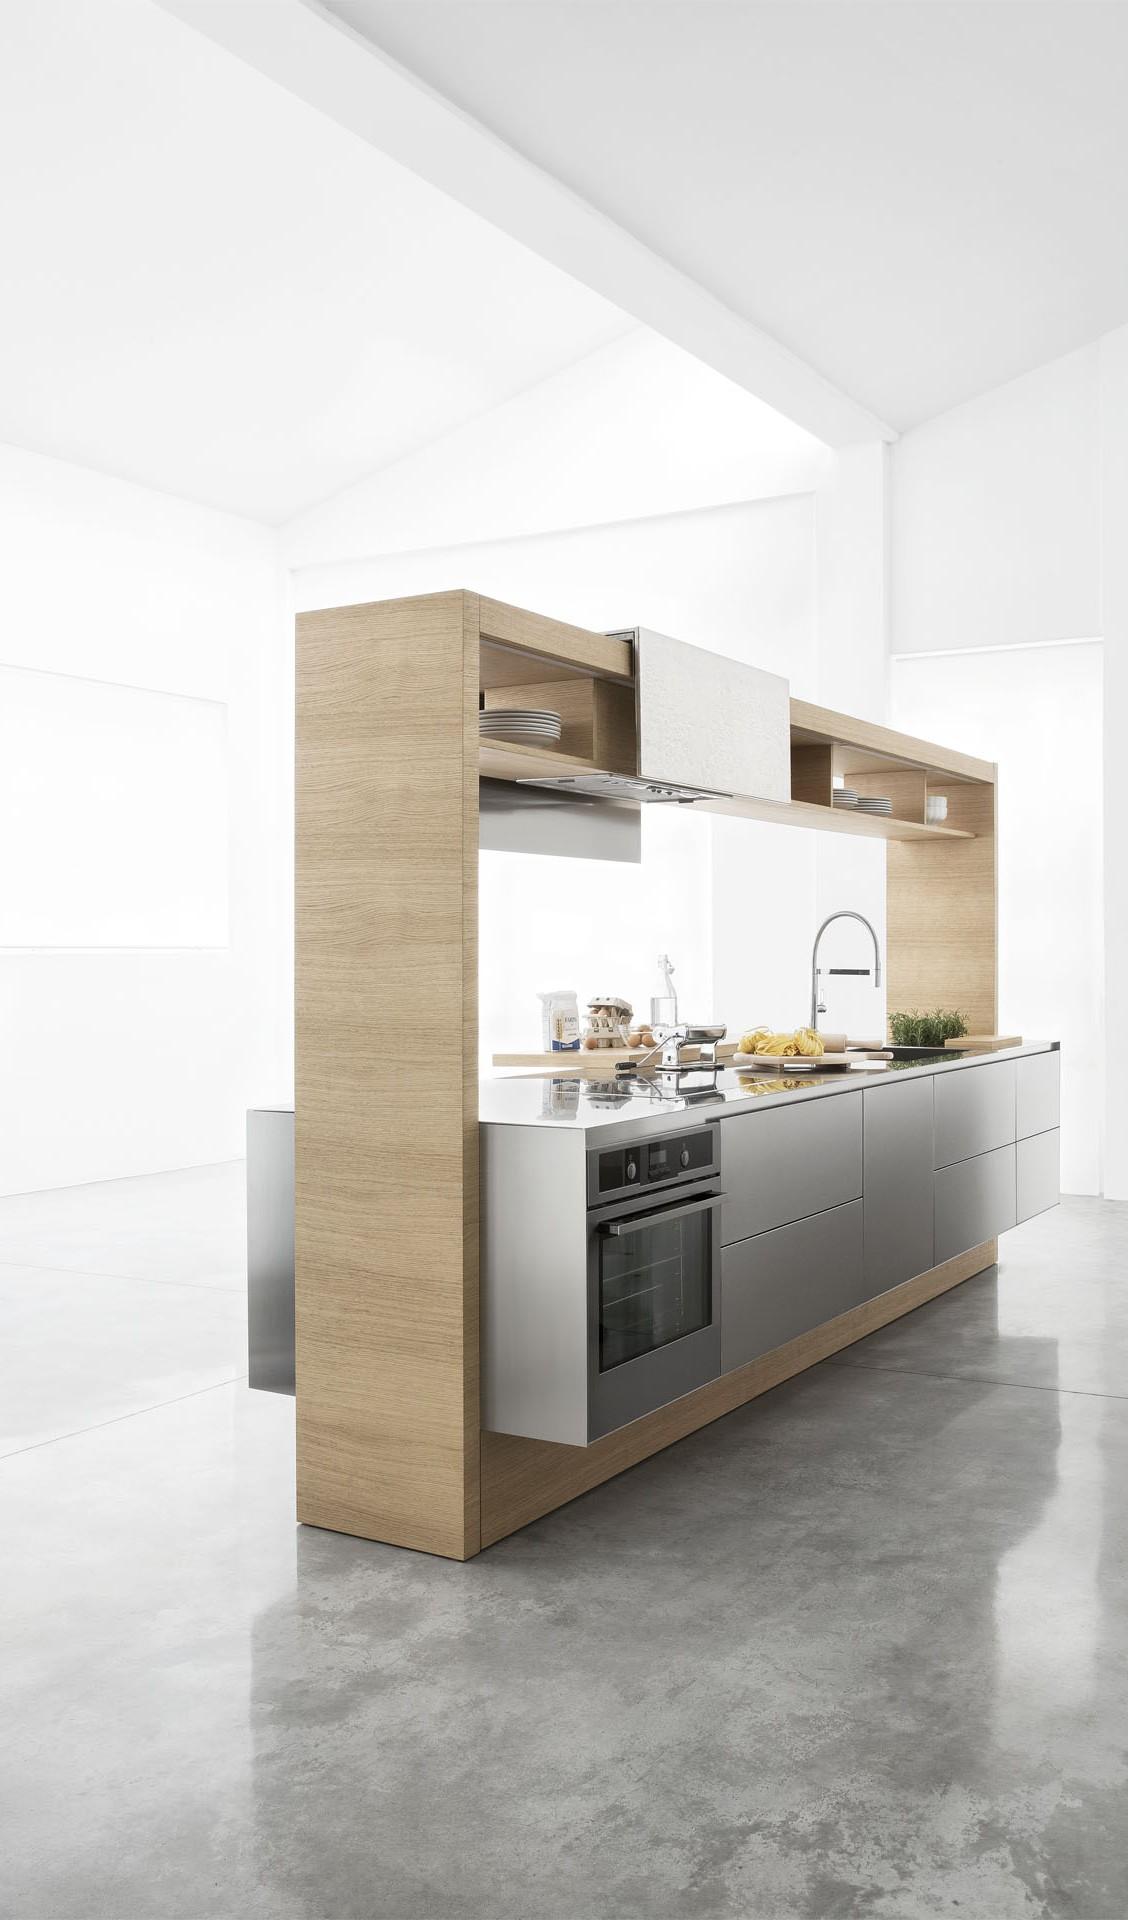 Кухня Archea. Кухонный остров с системой хранения над рабочей поверхностью.